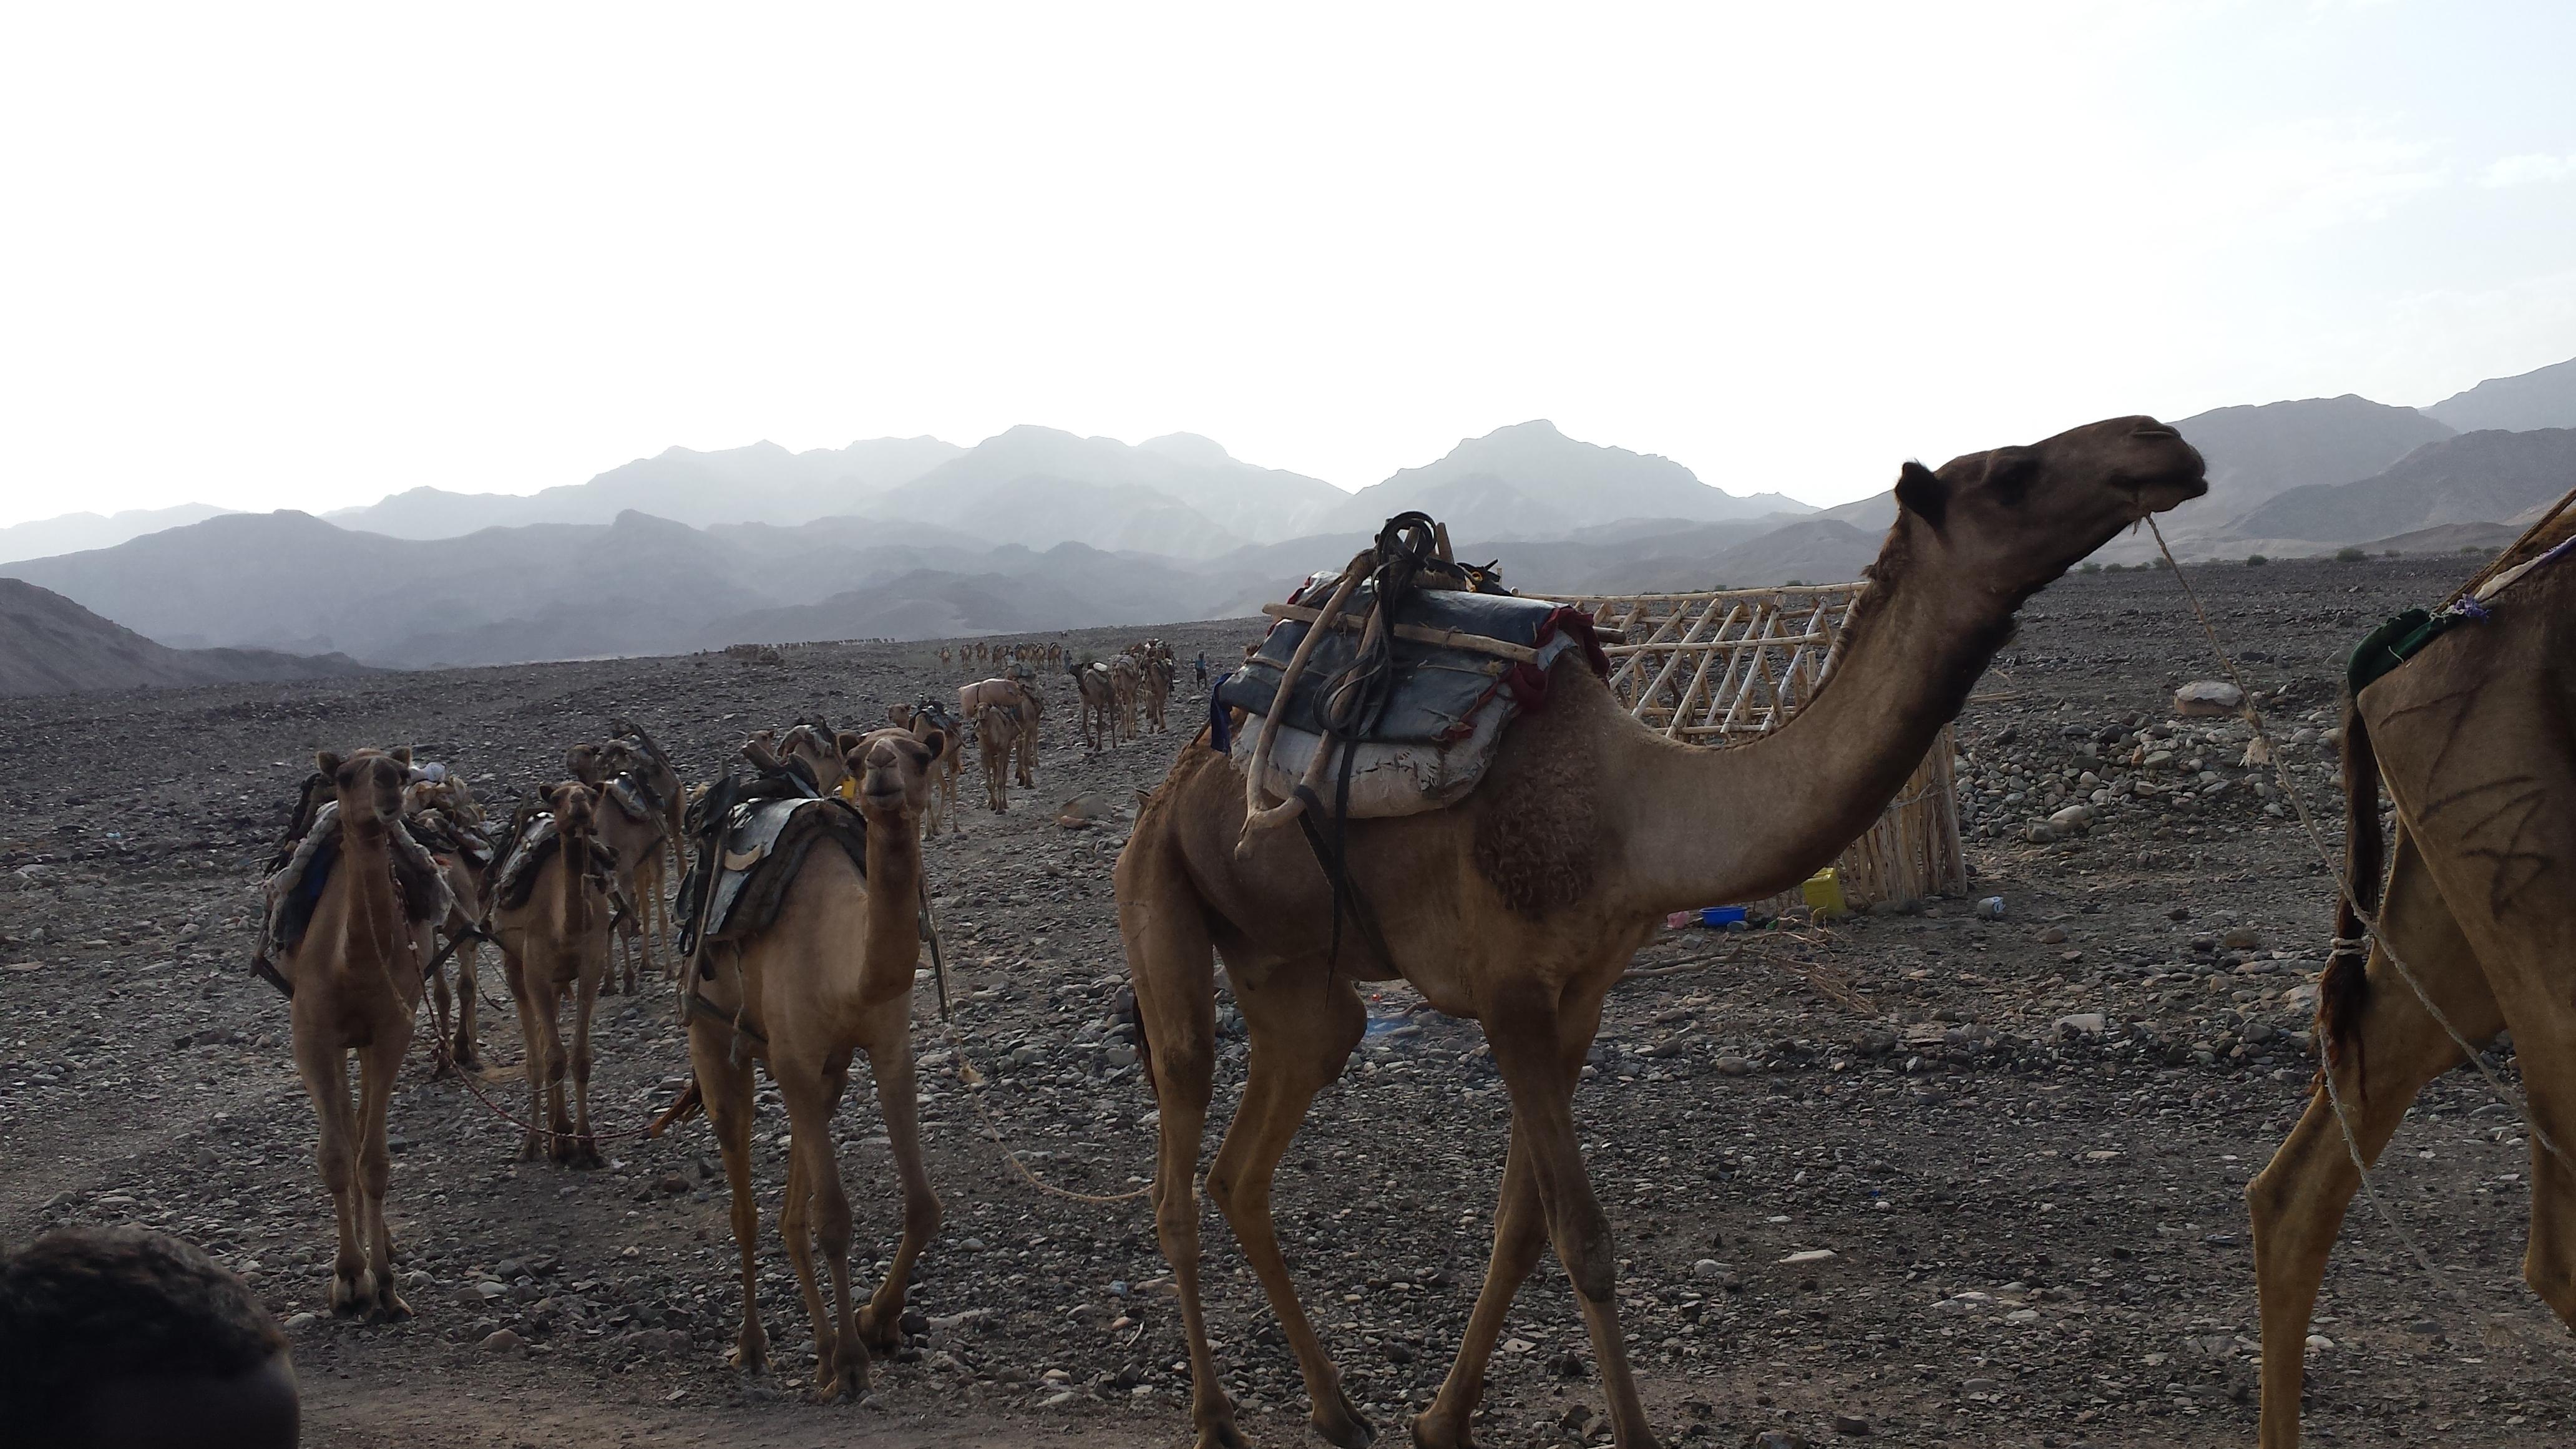 Ethiopie caravane de chameaux